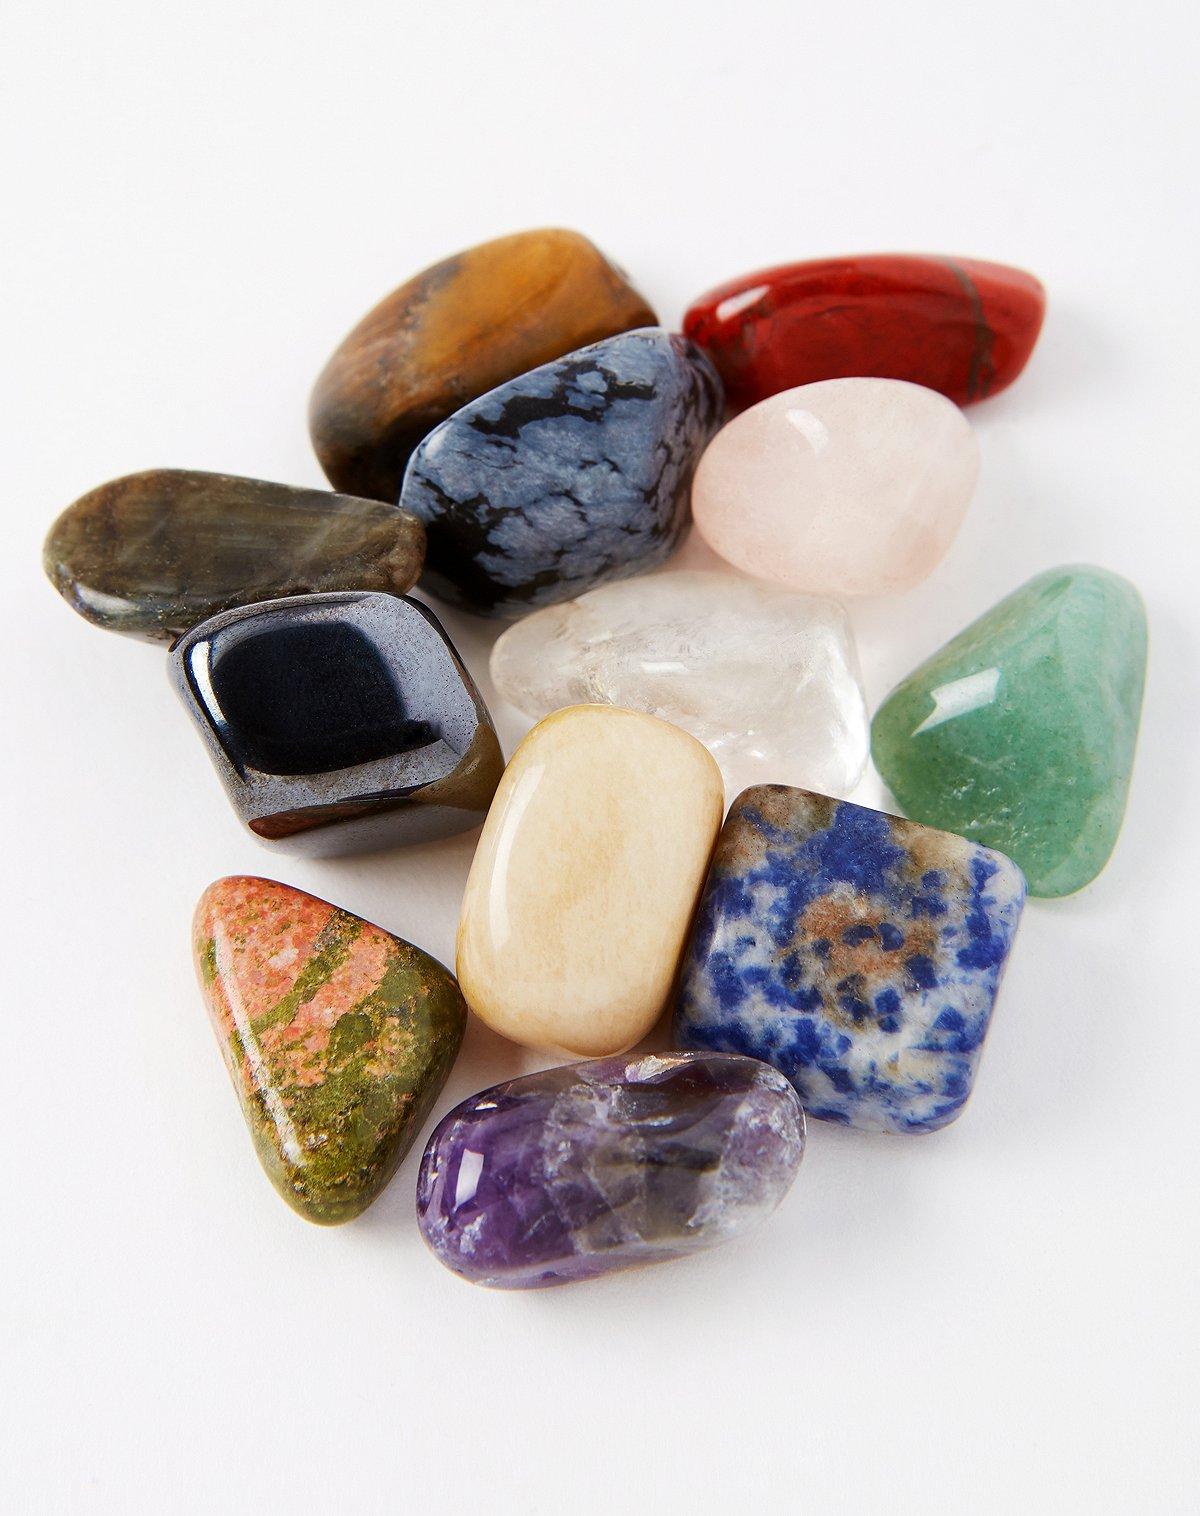 Crystal healing stone kit